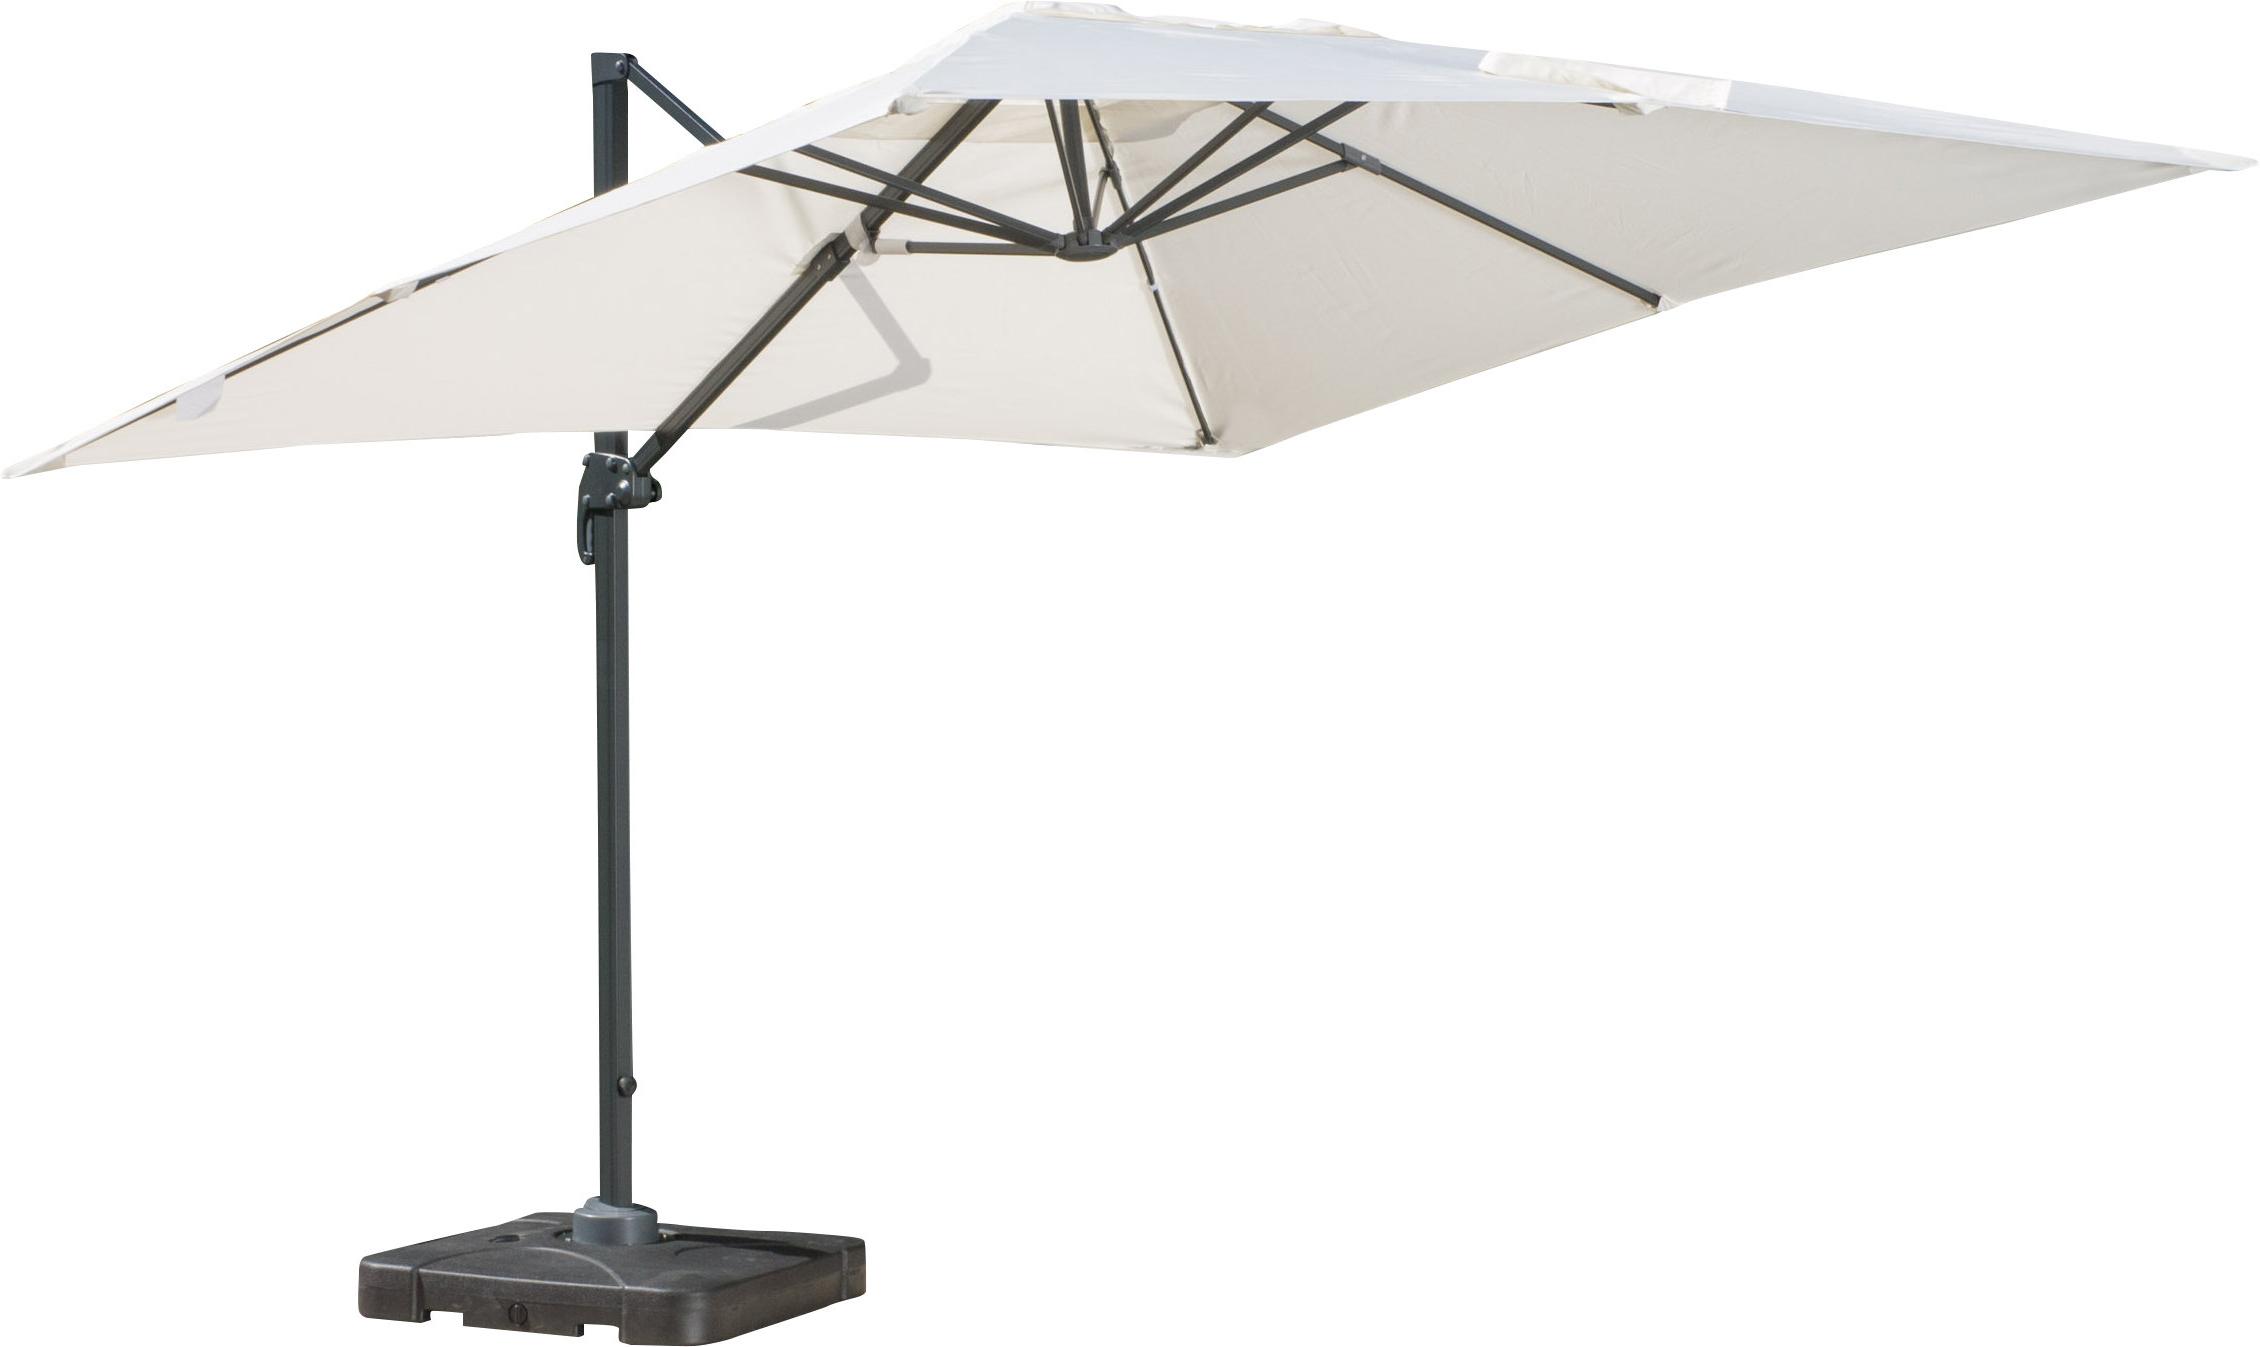 Boracay 10' Square Cantilever Umbrella Regarding Best And Newest Gribble 3Cantilever Umbrellas (View 3 of 20)